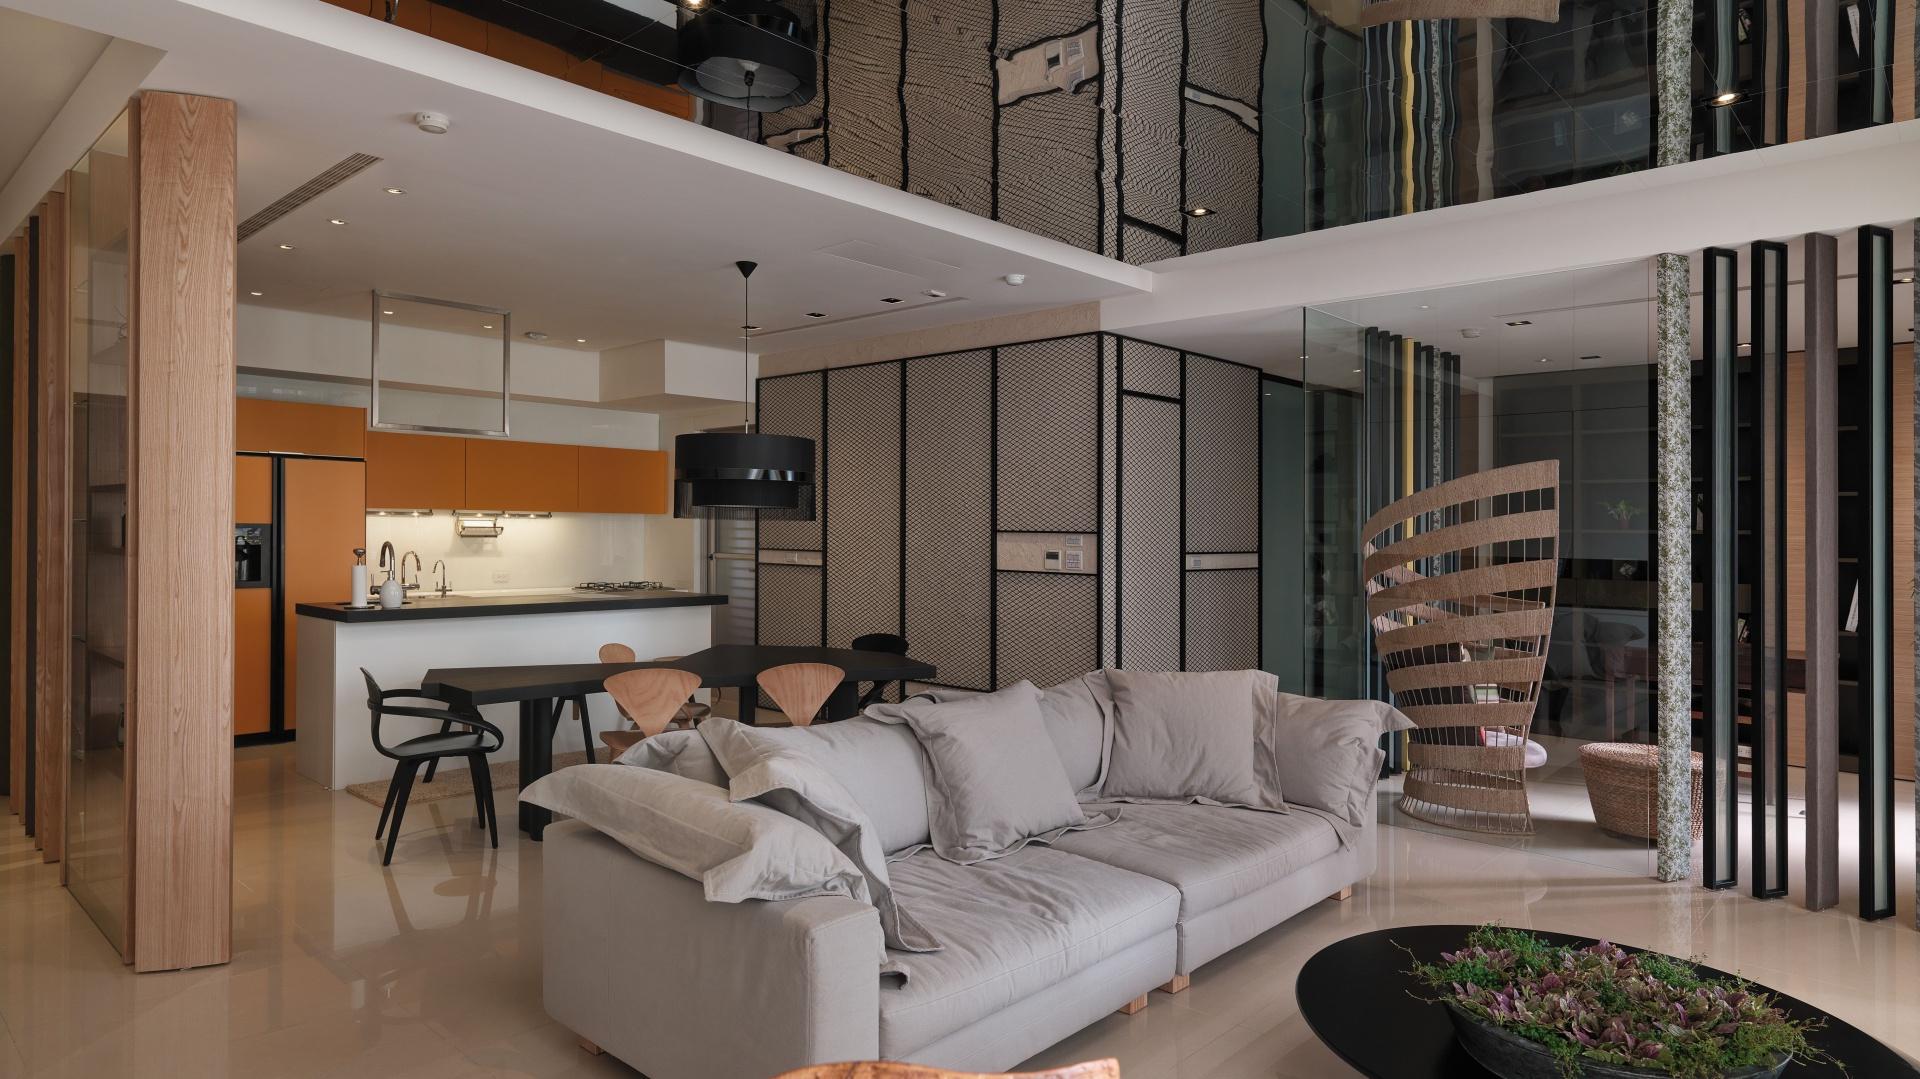 Na suficie w salonie zamontowano wielkowymiarowe lustro, które efektownie optycznie powiększa wnętrze, stwarzając iluzję wyższego pomieszczenia. Fot. Kyle You.